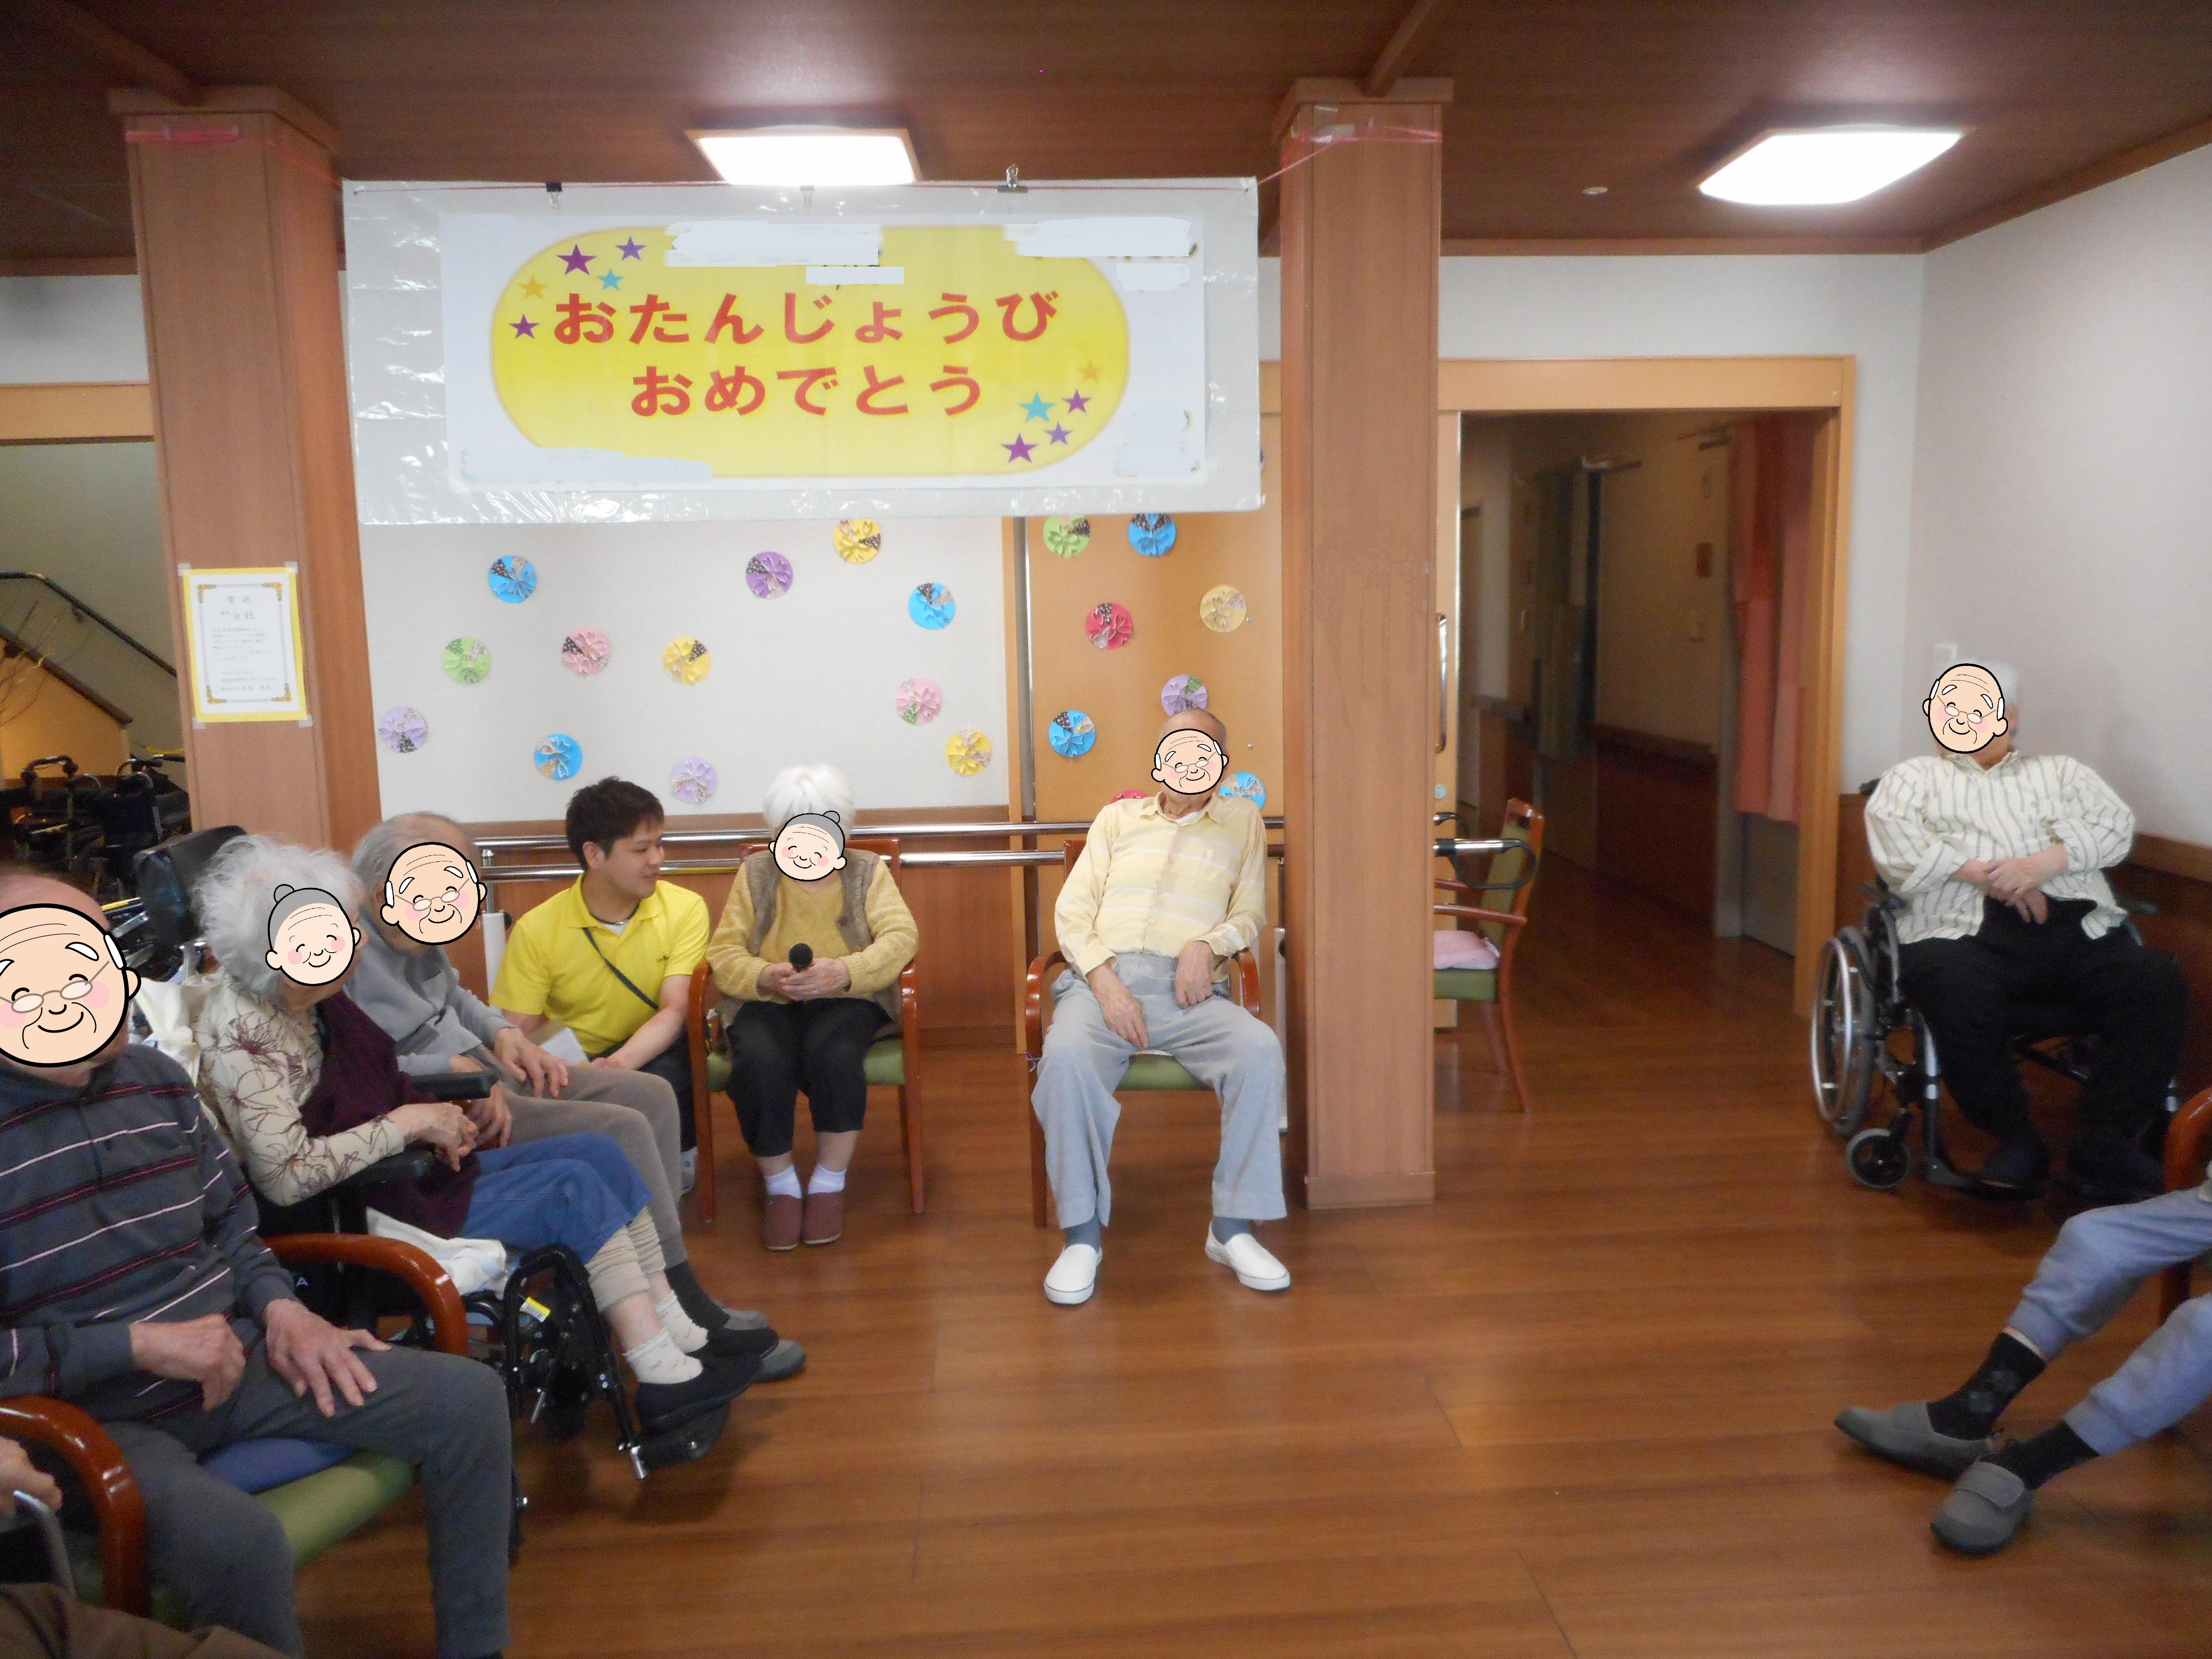 4月のお誕生日会(介護付有料老人ホームゆたか)